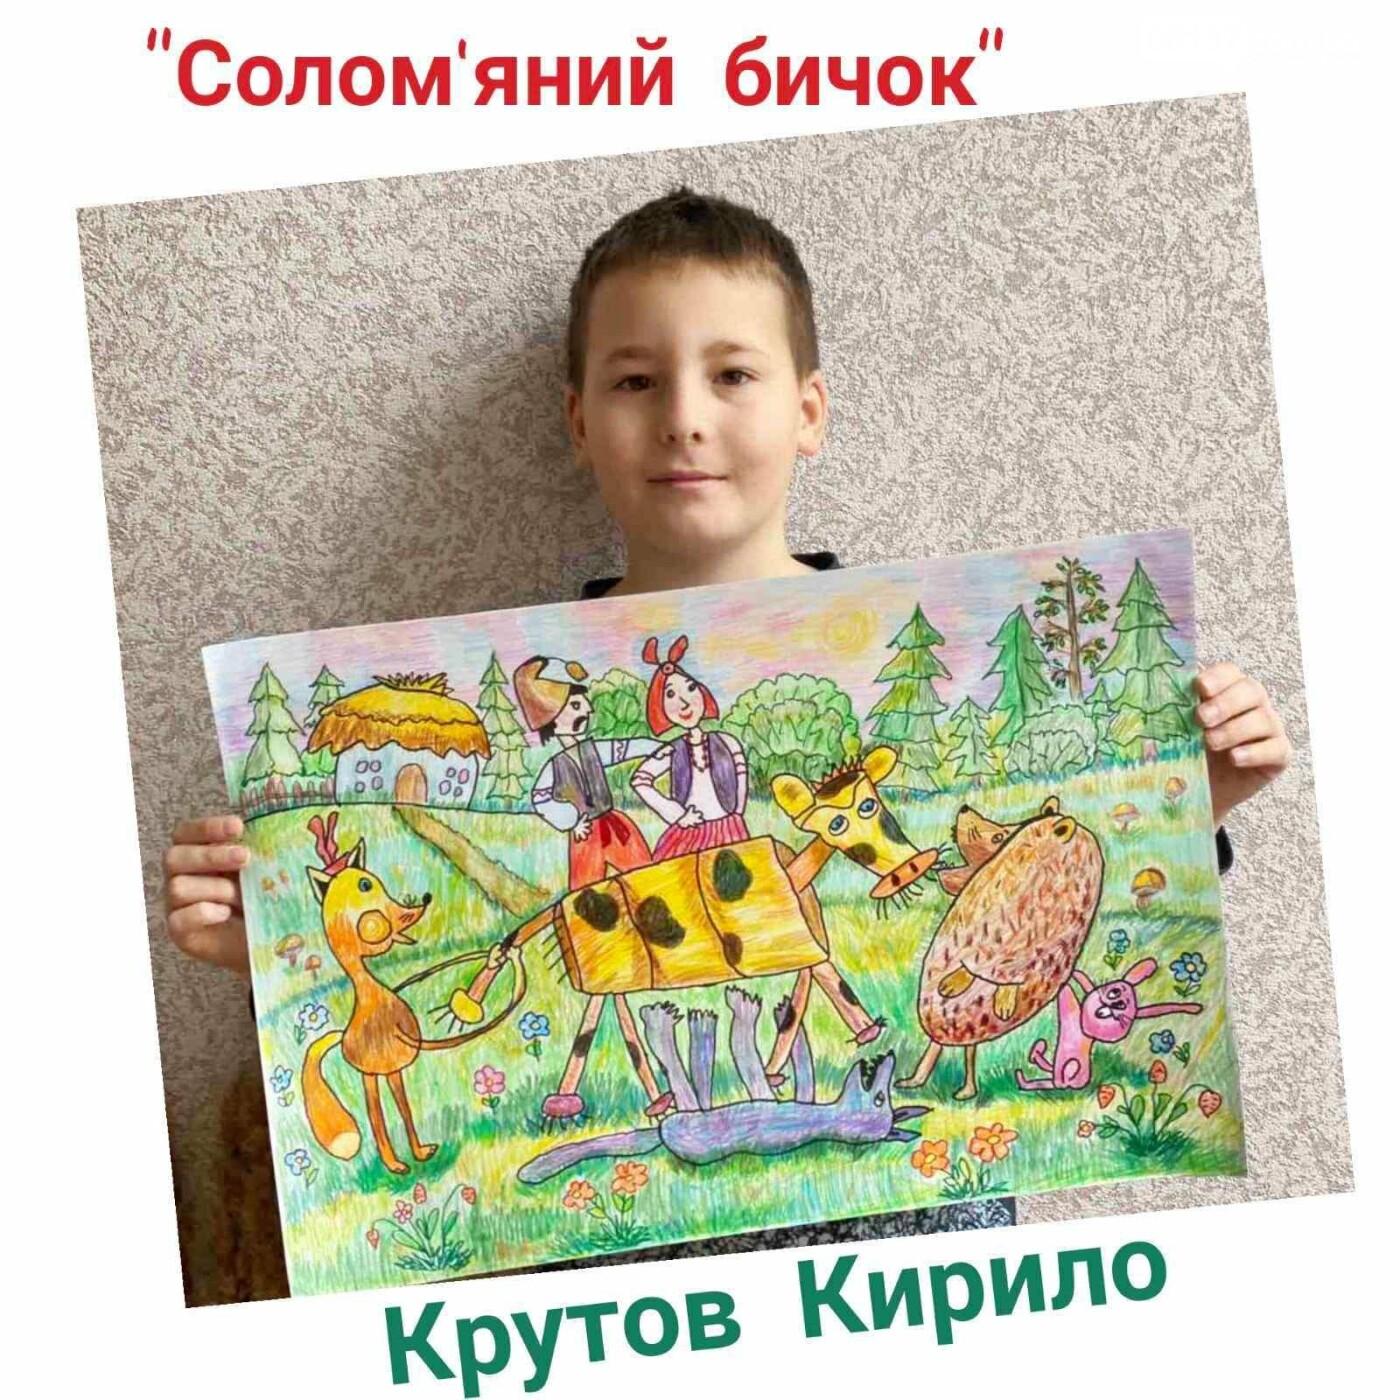 Вихованці Приморської мистецької школи стали лауреатами Міжнародного конкурсу малюнку, фото-1